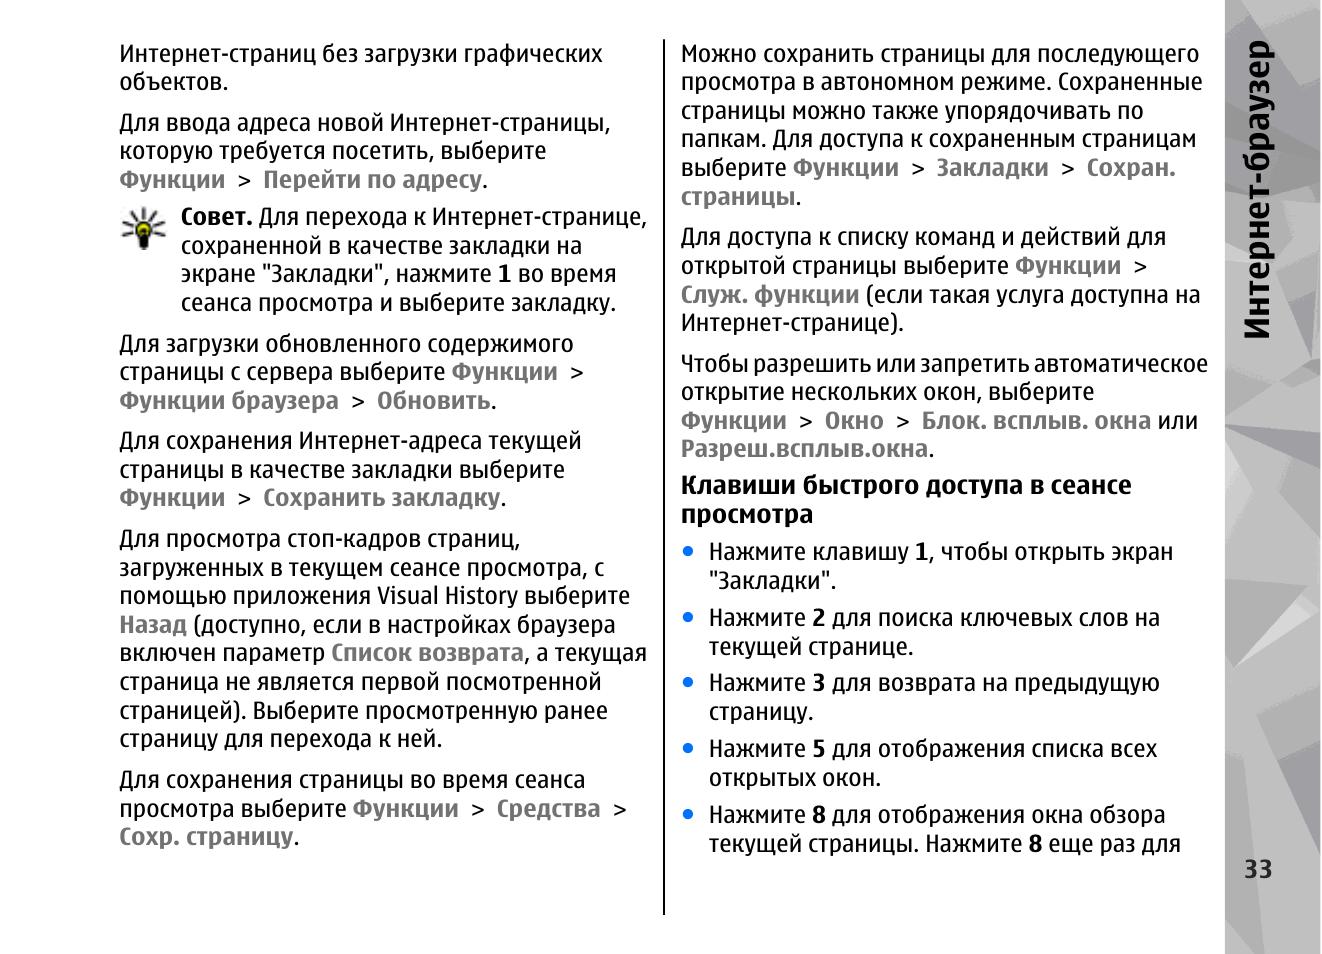 Инструкция по эксплуатации телефона nokia n95 8gb